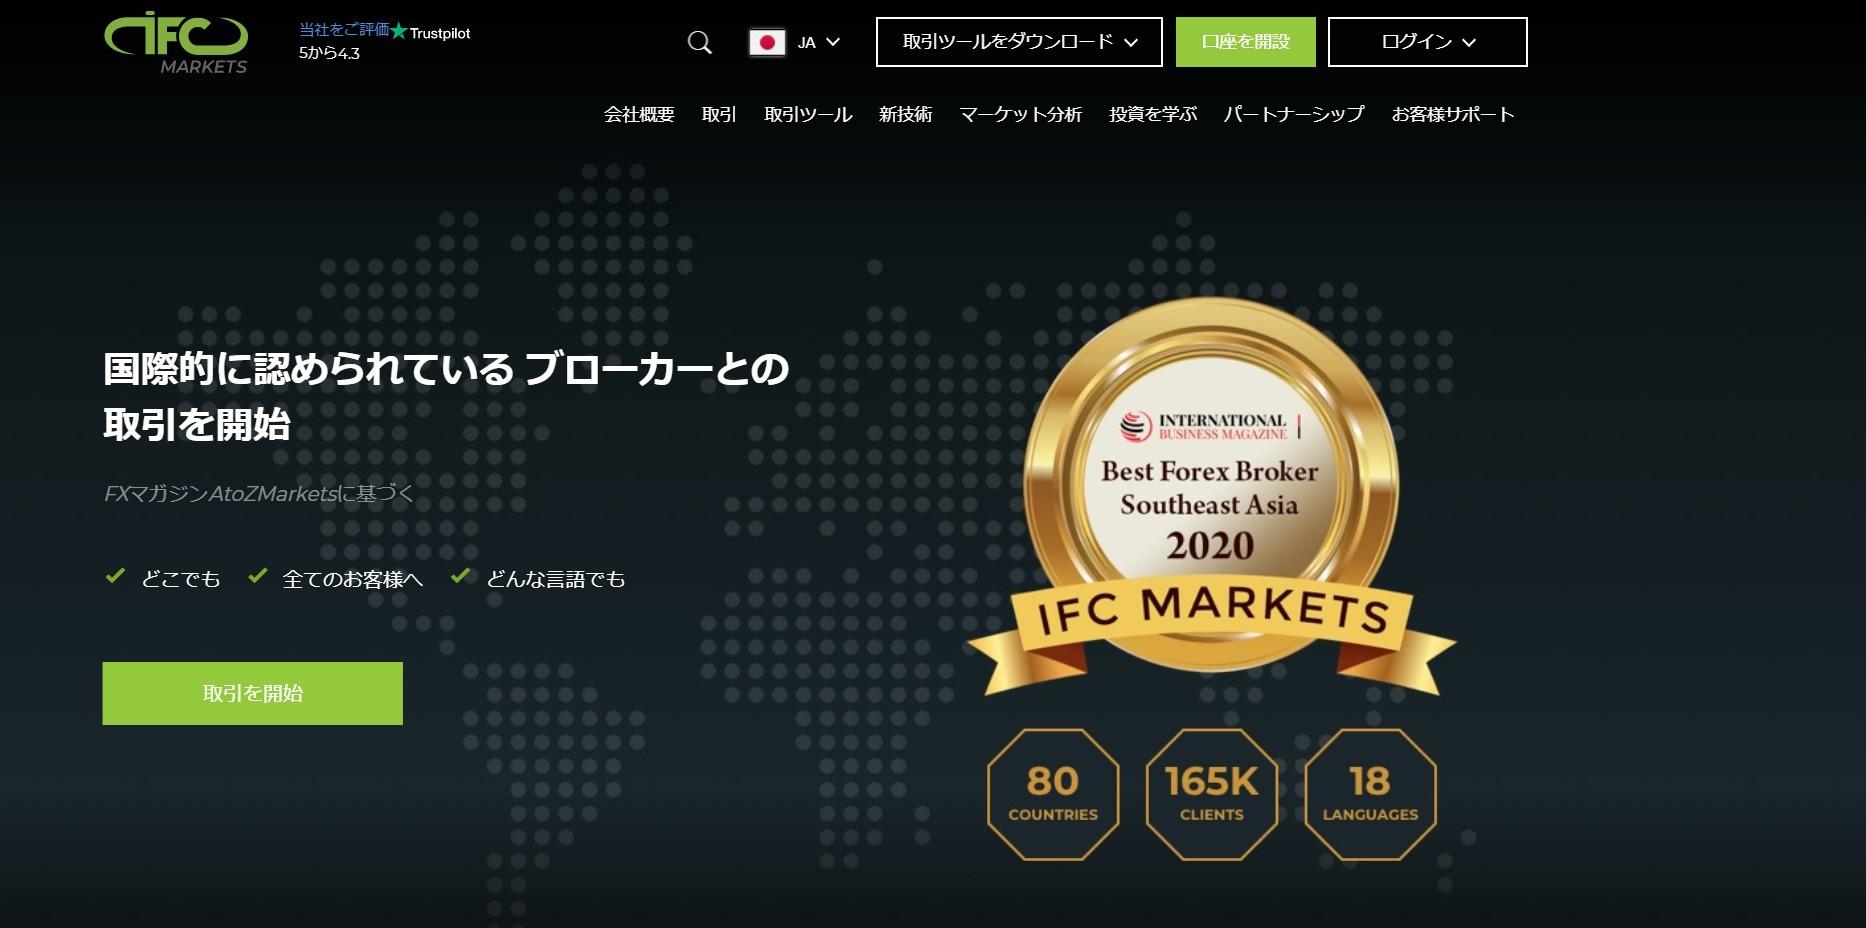 IFCMarkets スワップポイント